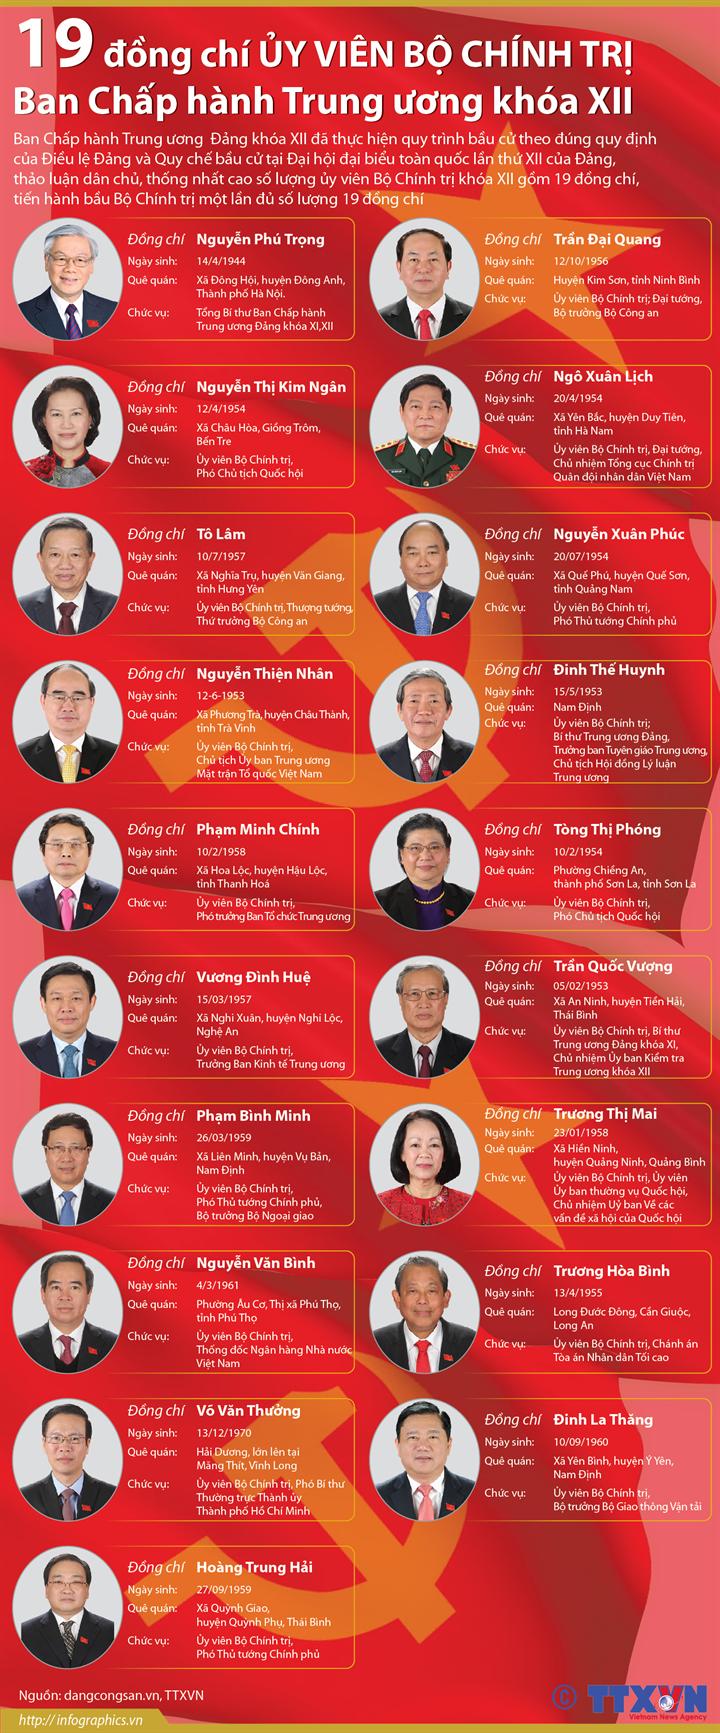 19 đồng chí Ủy viên Bộ Chính trị  Ban Chấp hành Trung ương khóa XII